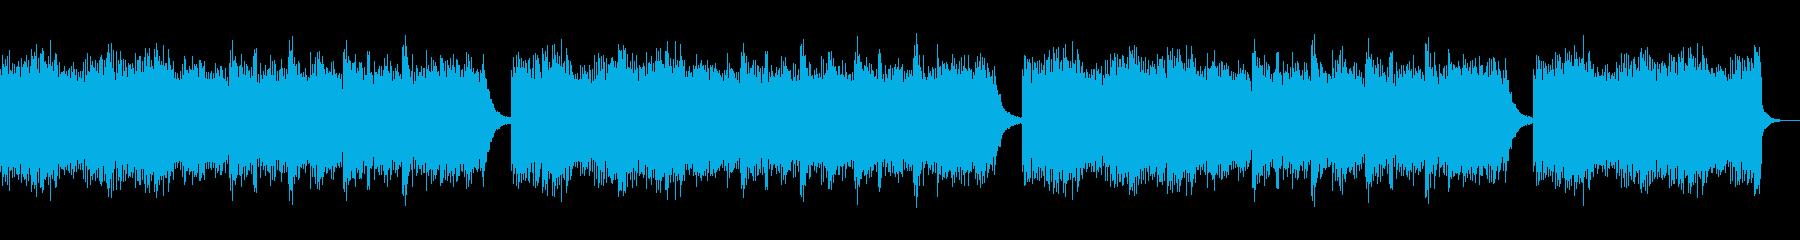 感動的な演出にピッタリのピアノバラードの再生済みの波形